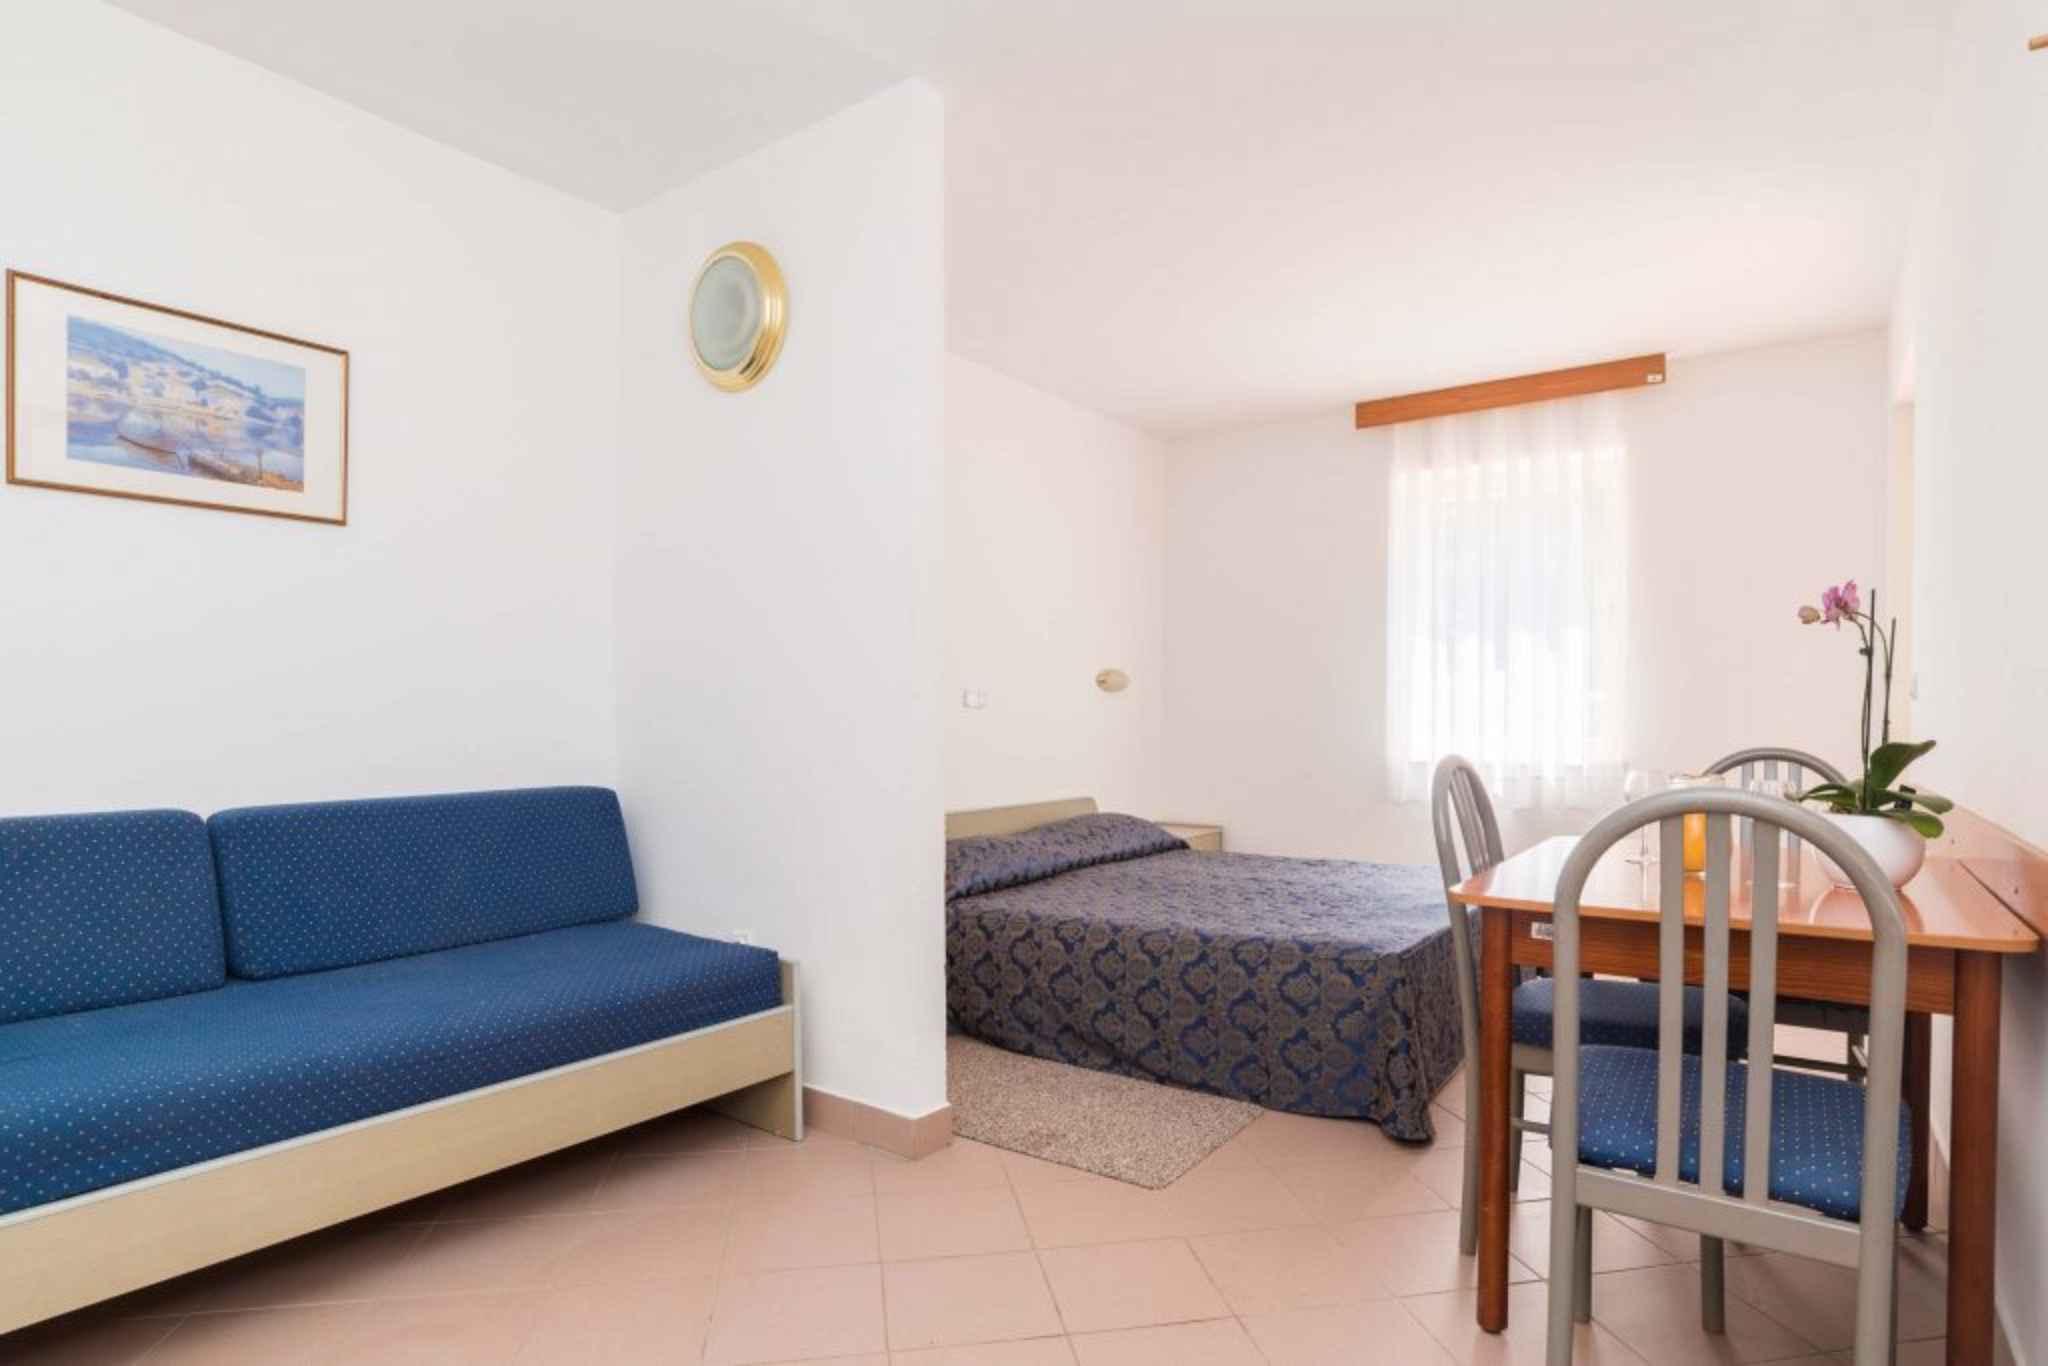 Ferienwohnung Studio in der Ferienanlage Polynesia (281139), Umag, , Istrien, Kroatien, Bild 3